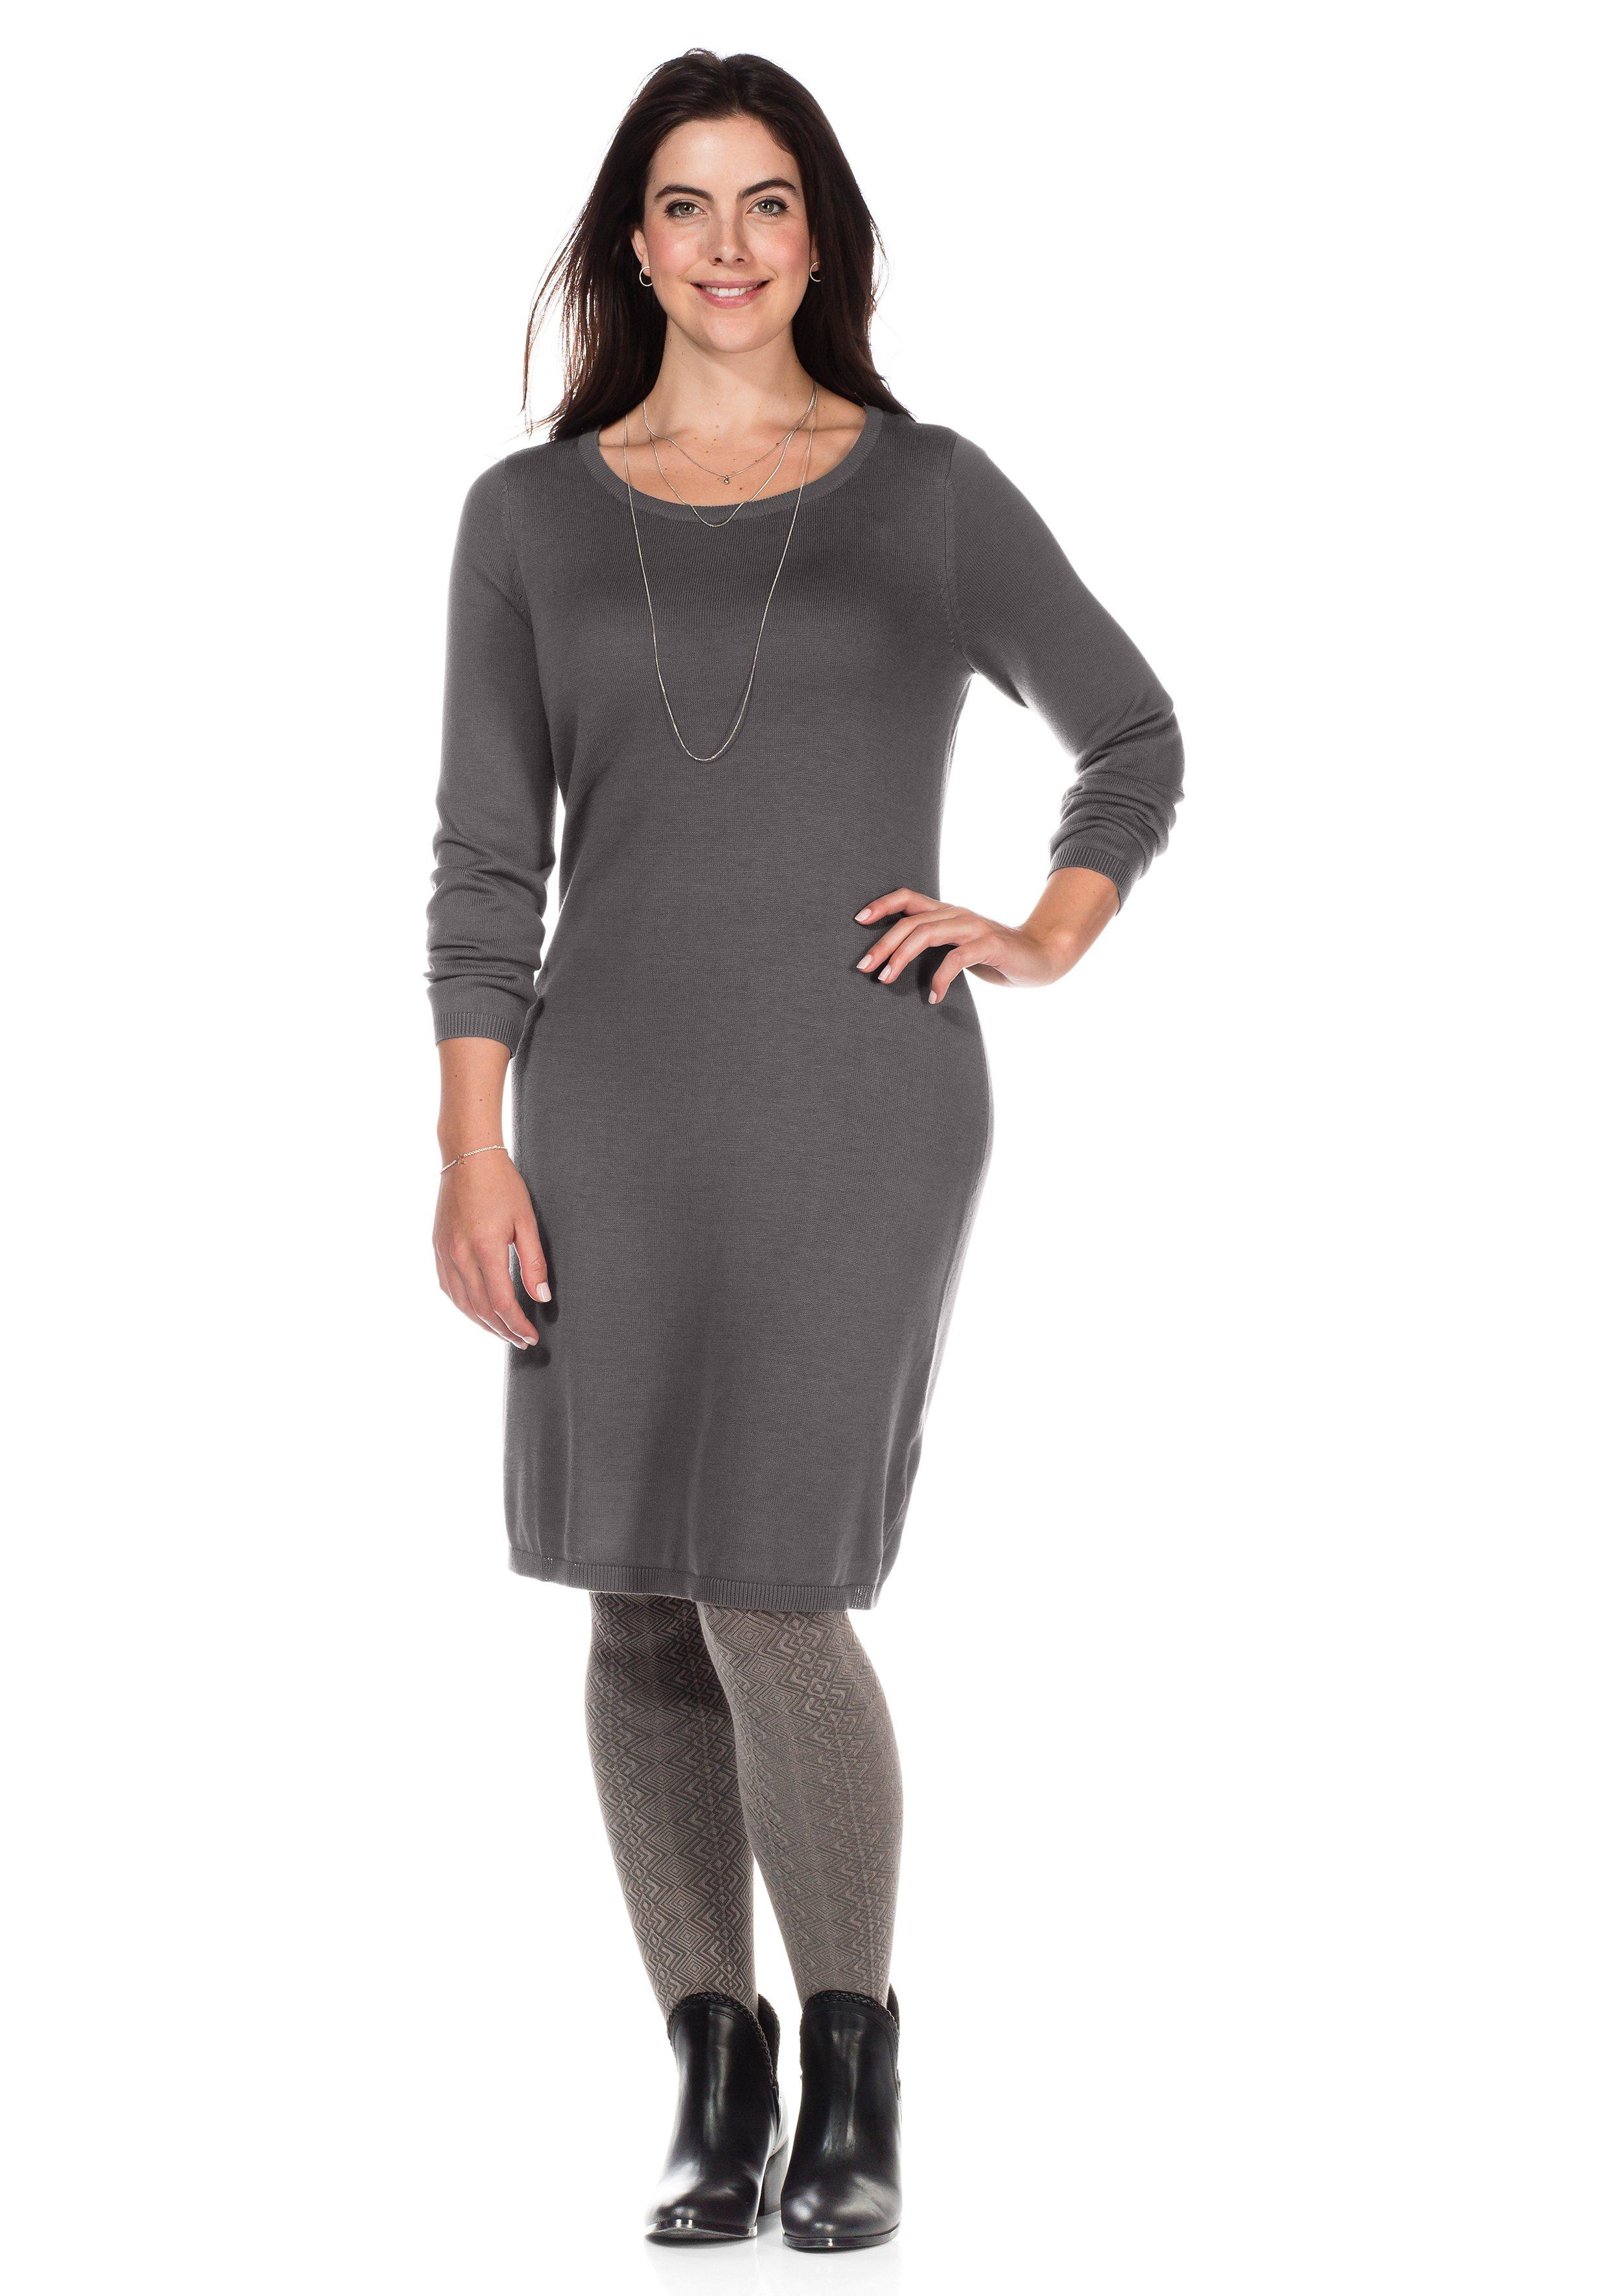 Welche schuhe zu leggings das klassische outfit f r die feiertage kleidermaedchen leggings - Leggings kombinieren ...